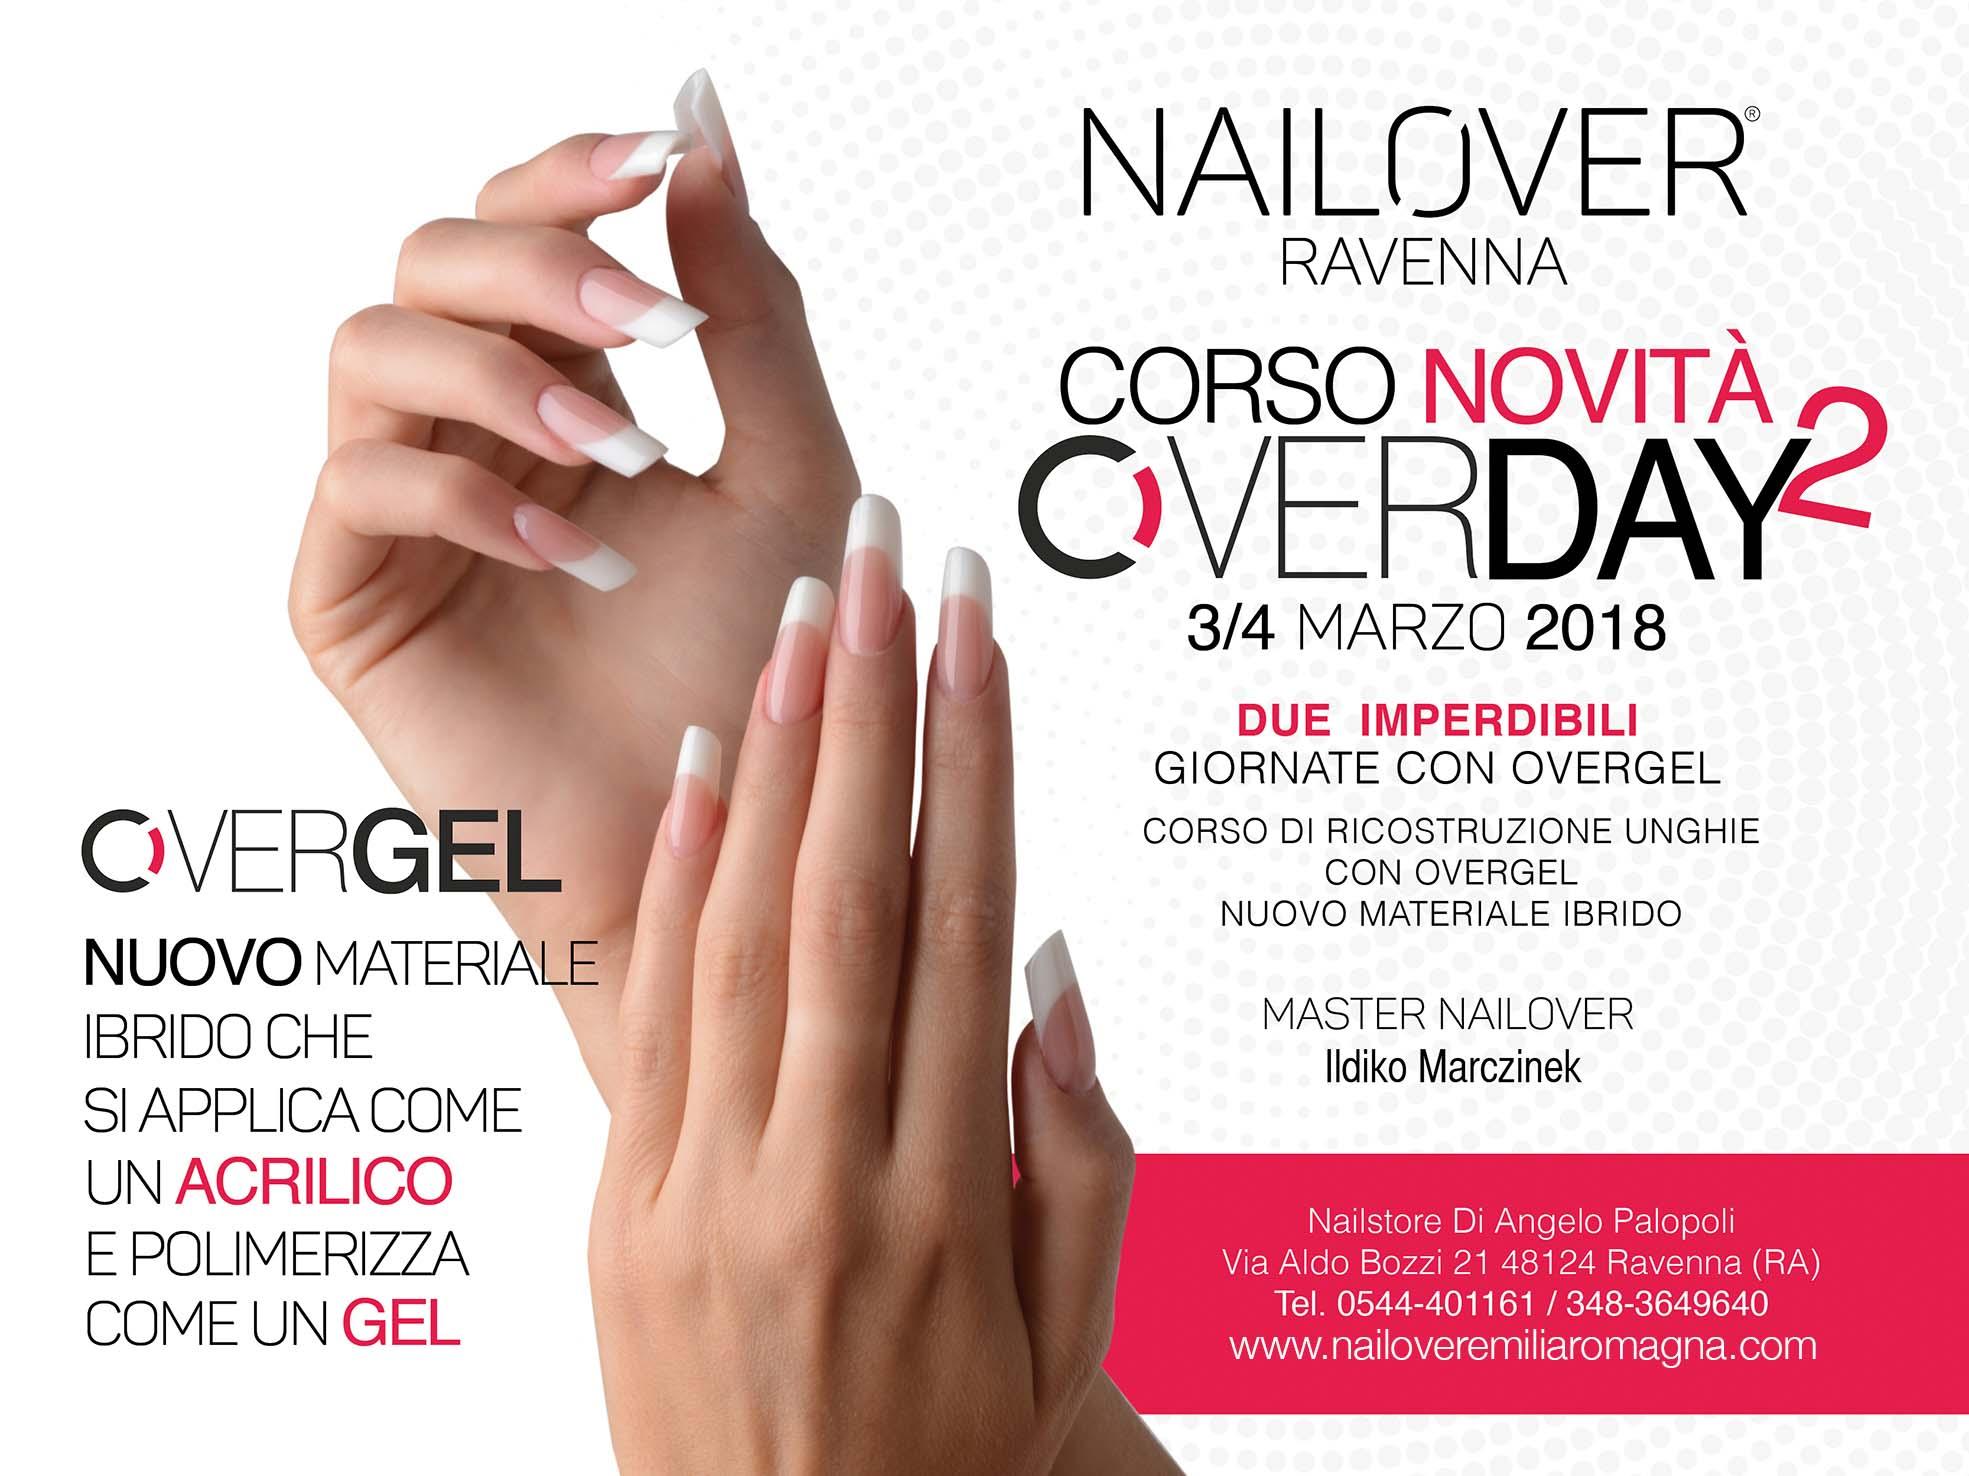 Corso OVERDAY2